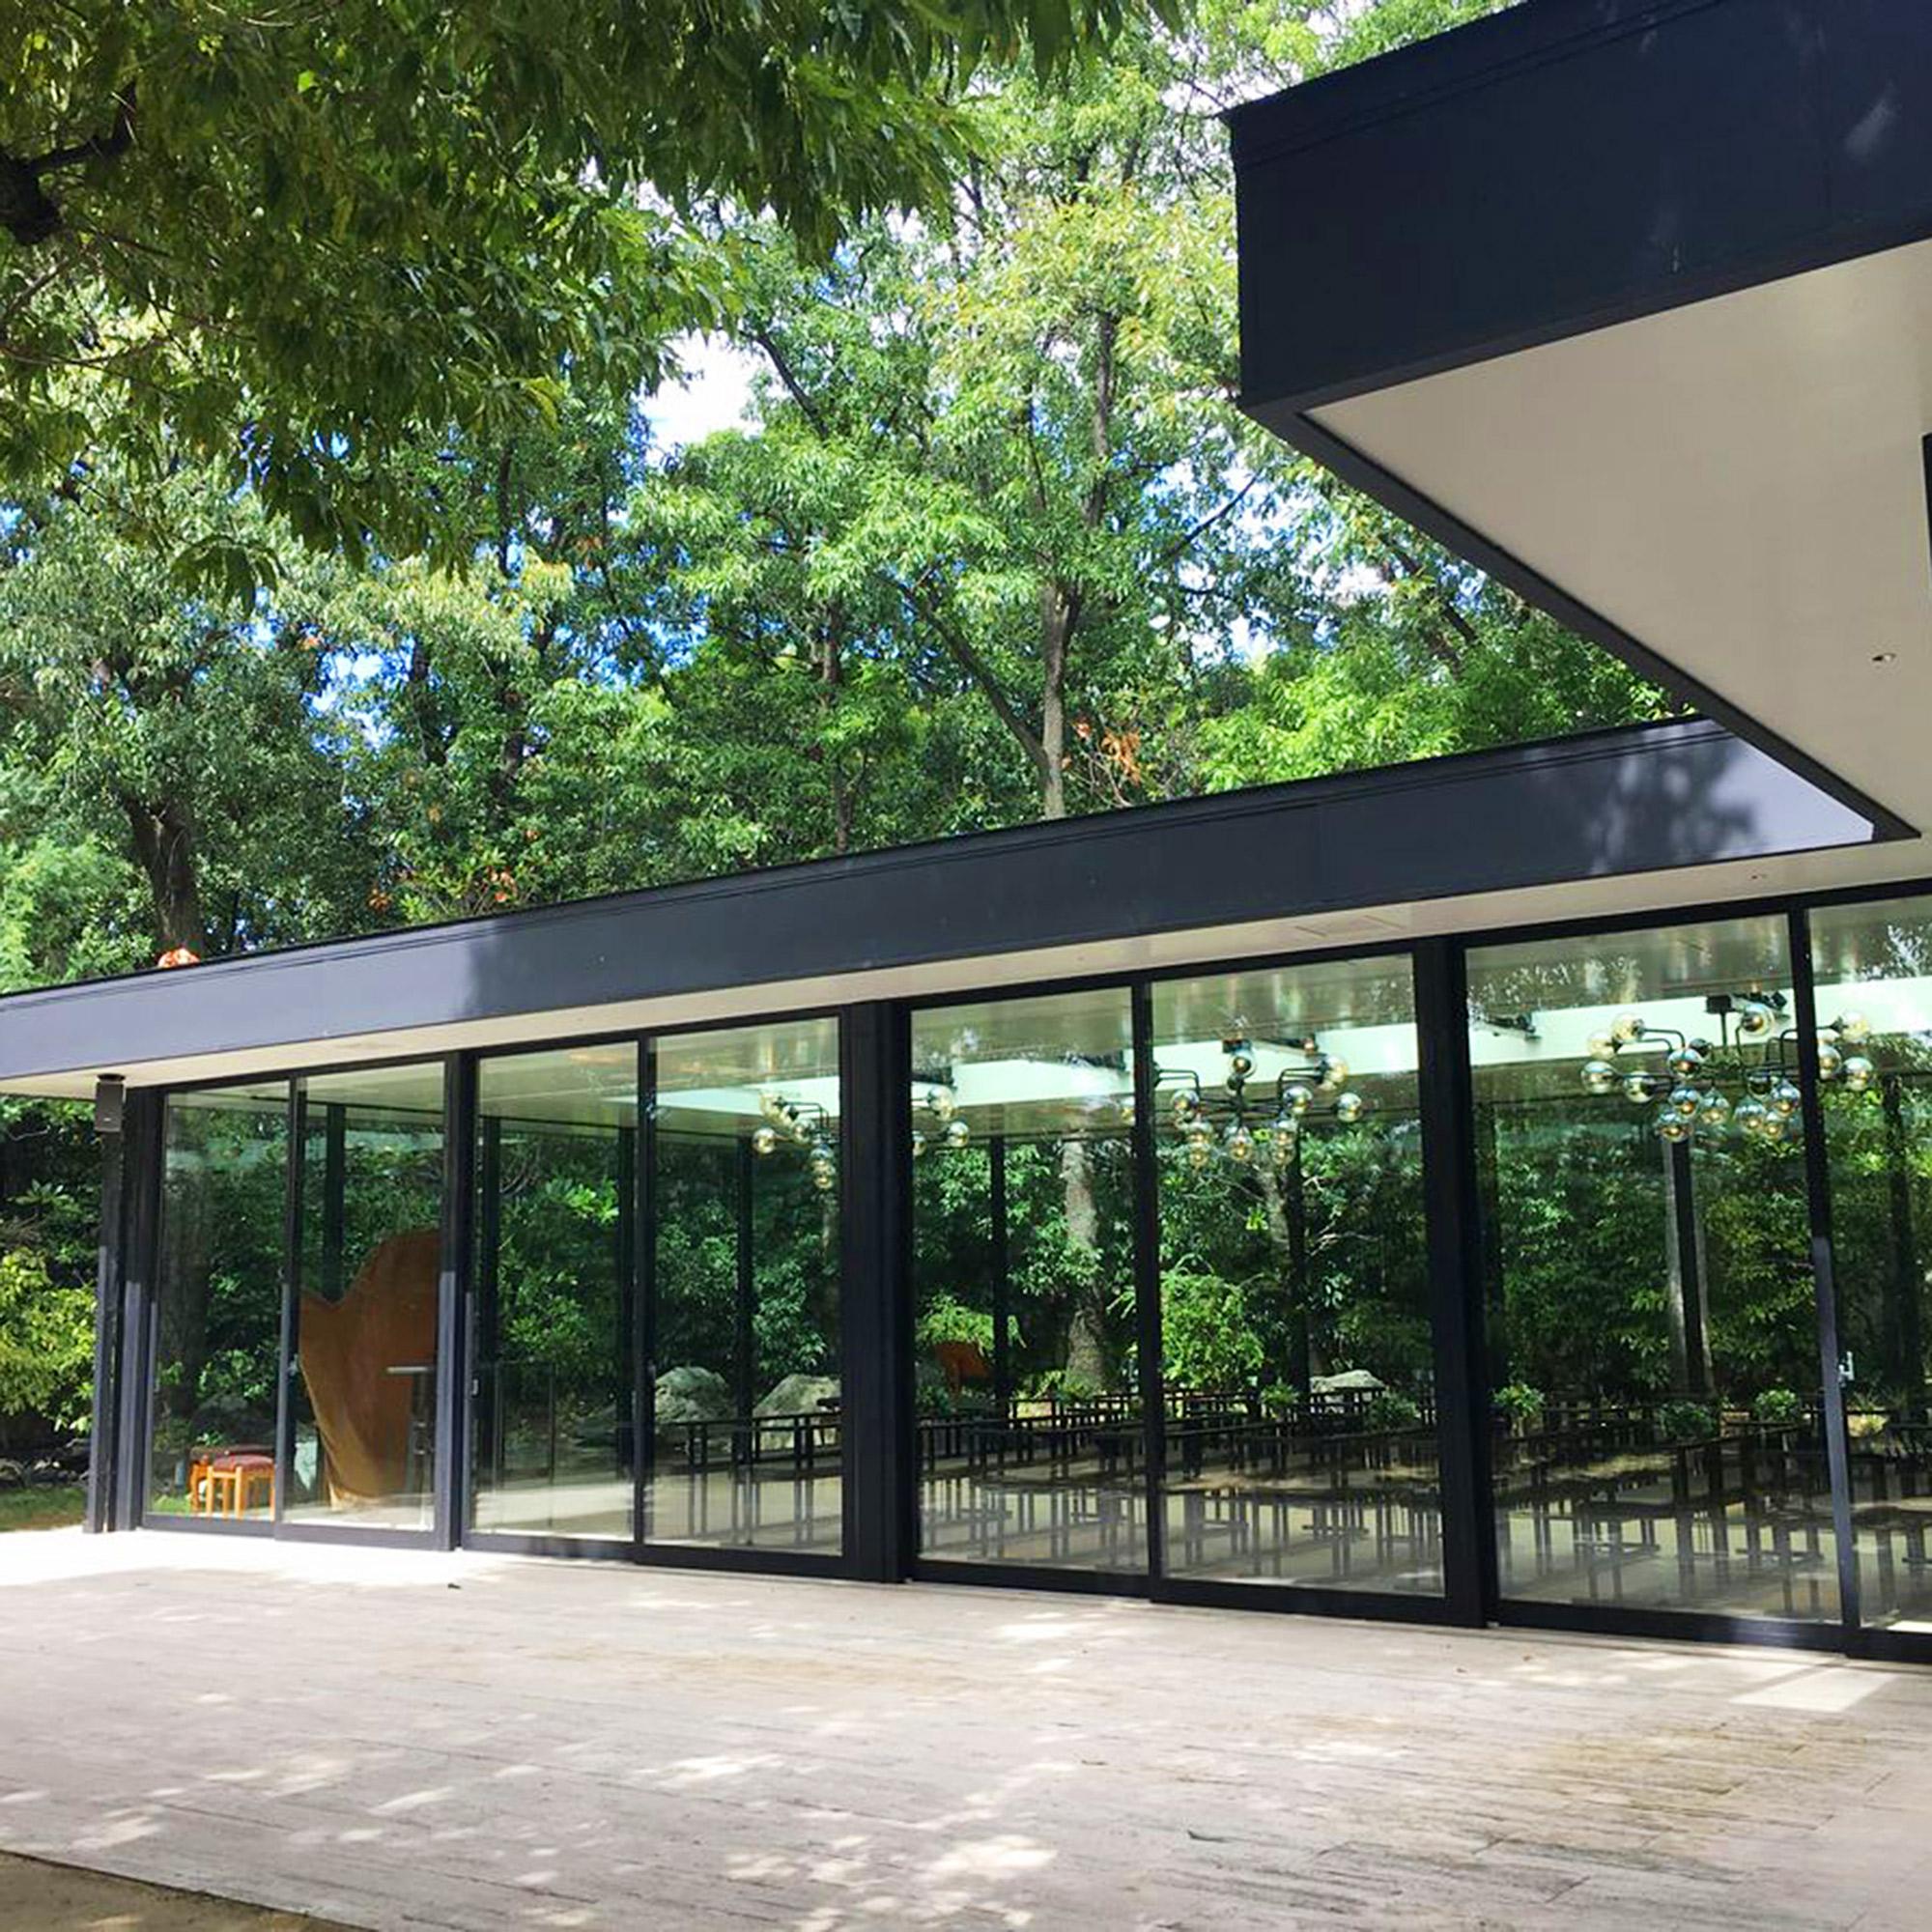 ザ・ガーデンオリエンタル・大阪のザ ミュージックホール